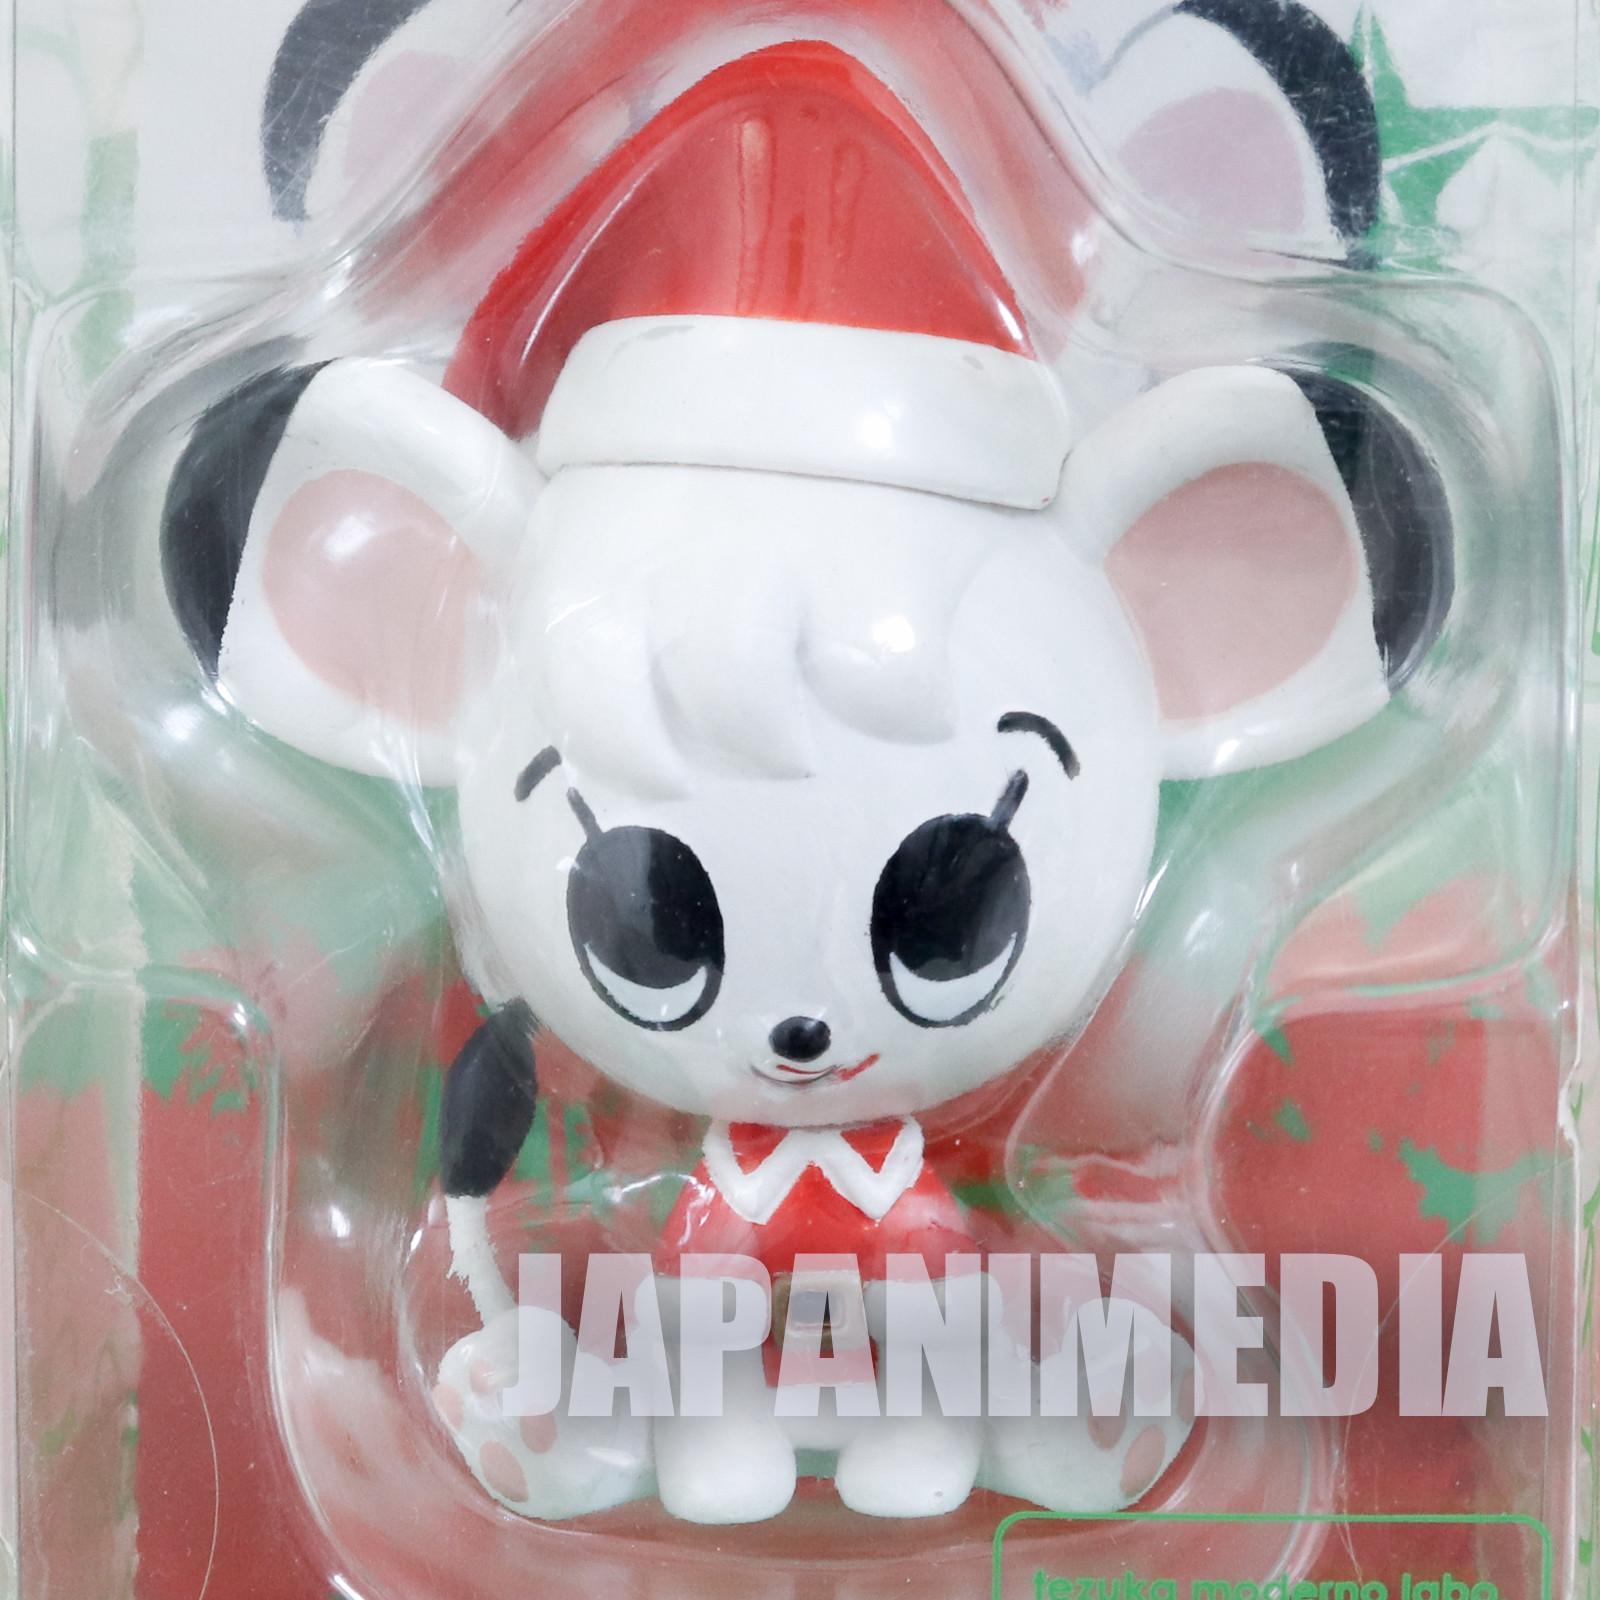 Jungle Emperor LEO Santa Moderno Labo Figure Tezuka Osamu Organic JAPAN